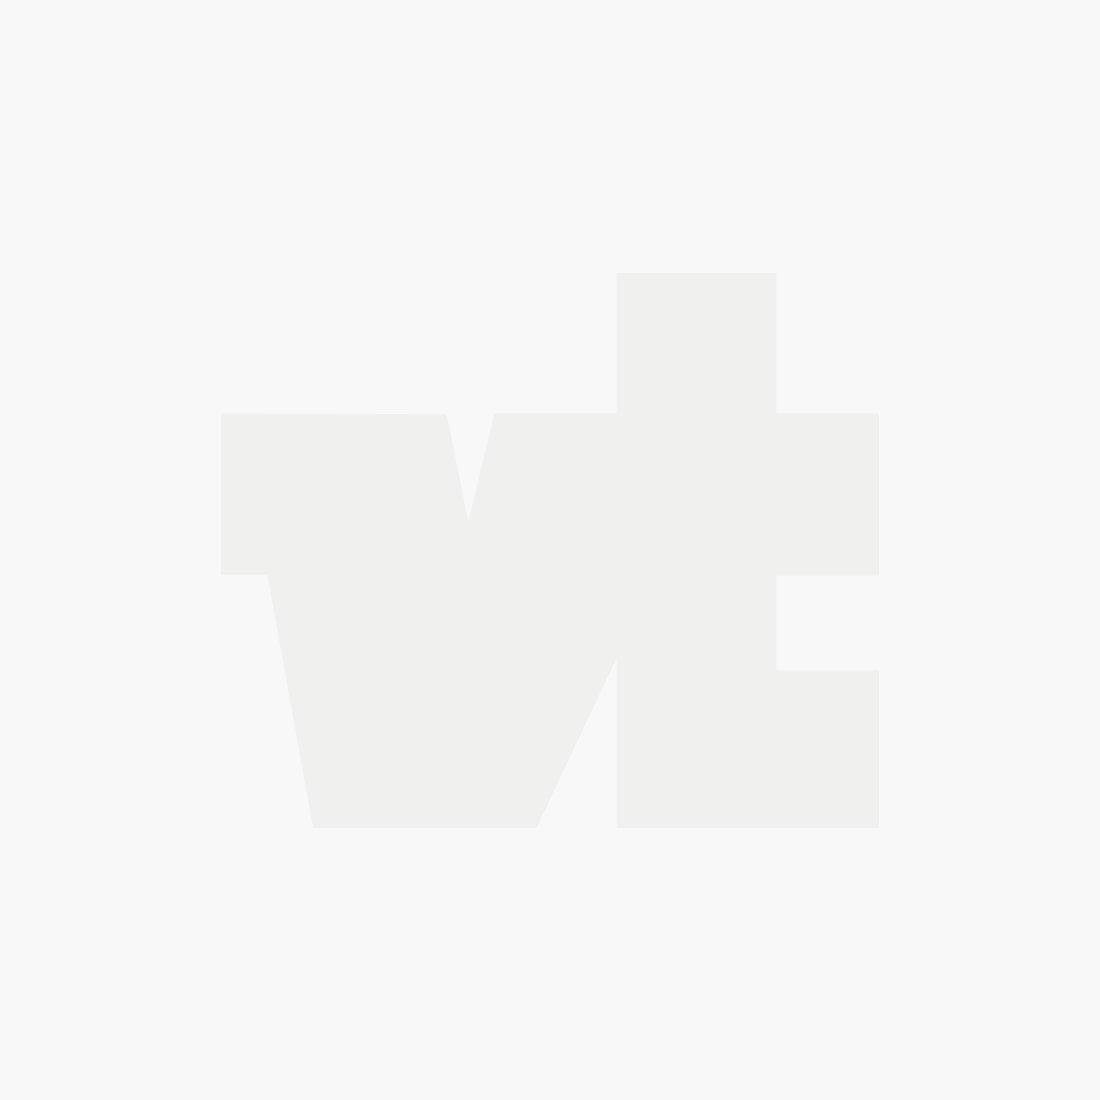 Meefic quilted jacket grey